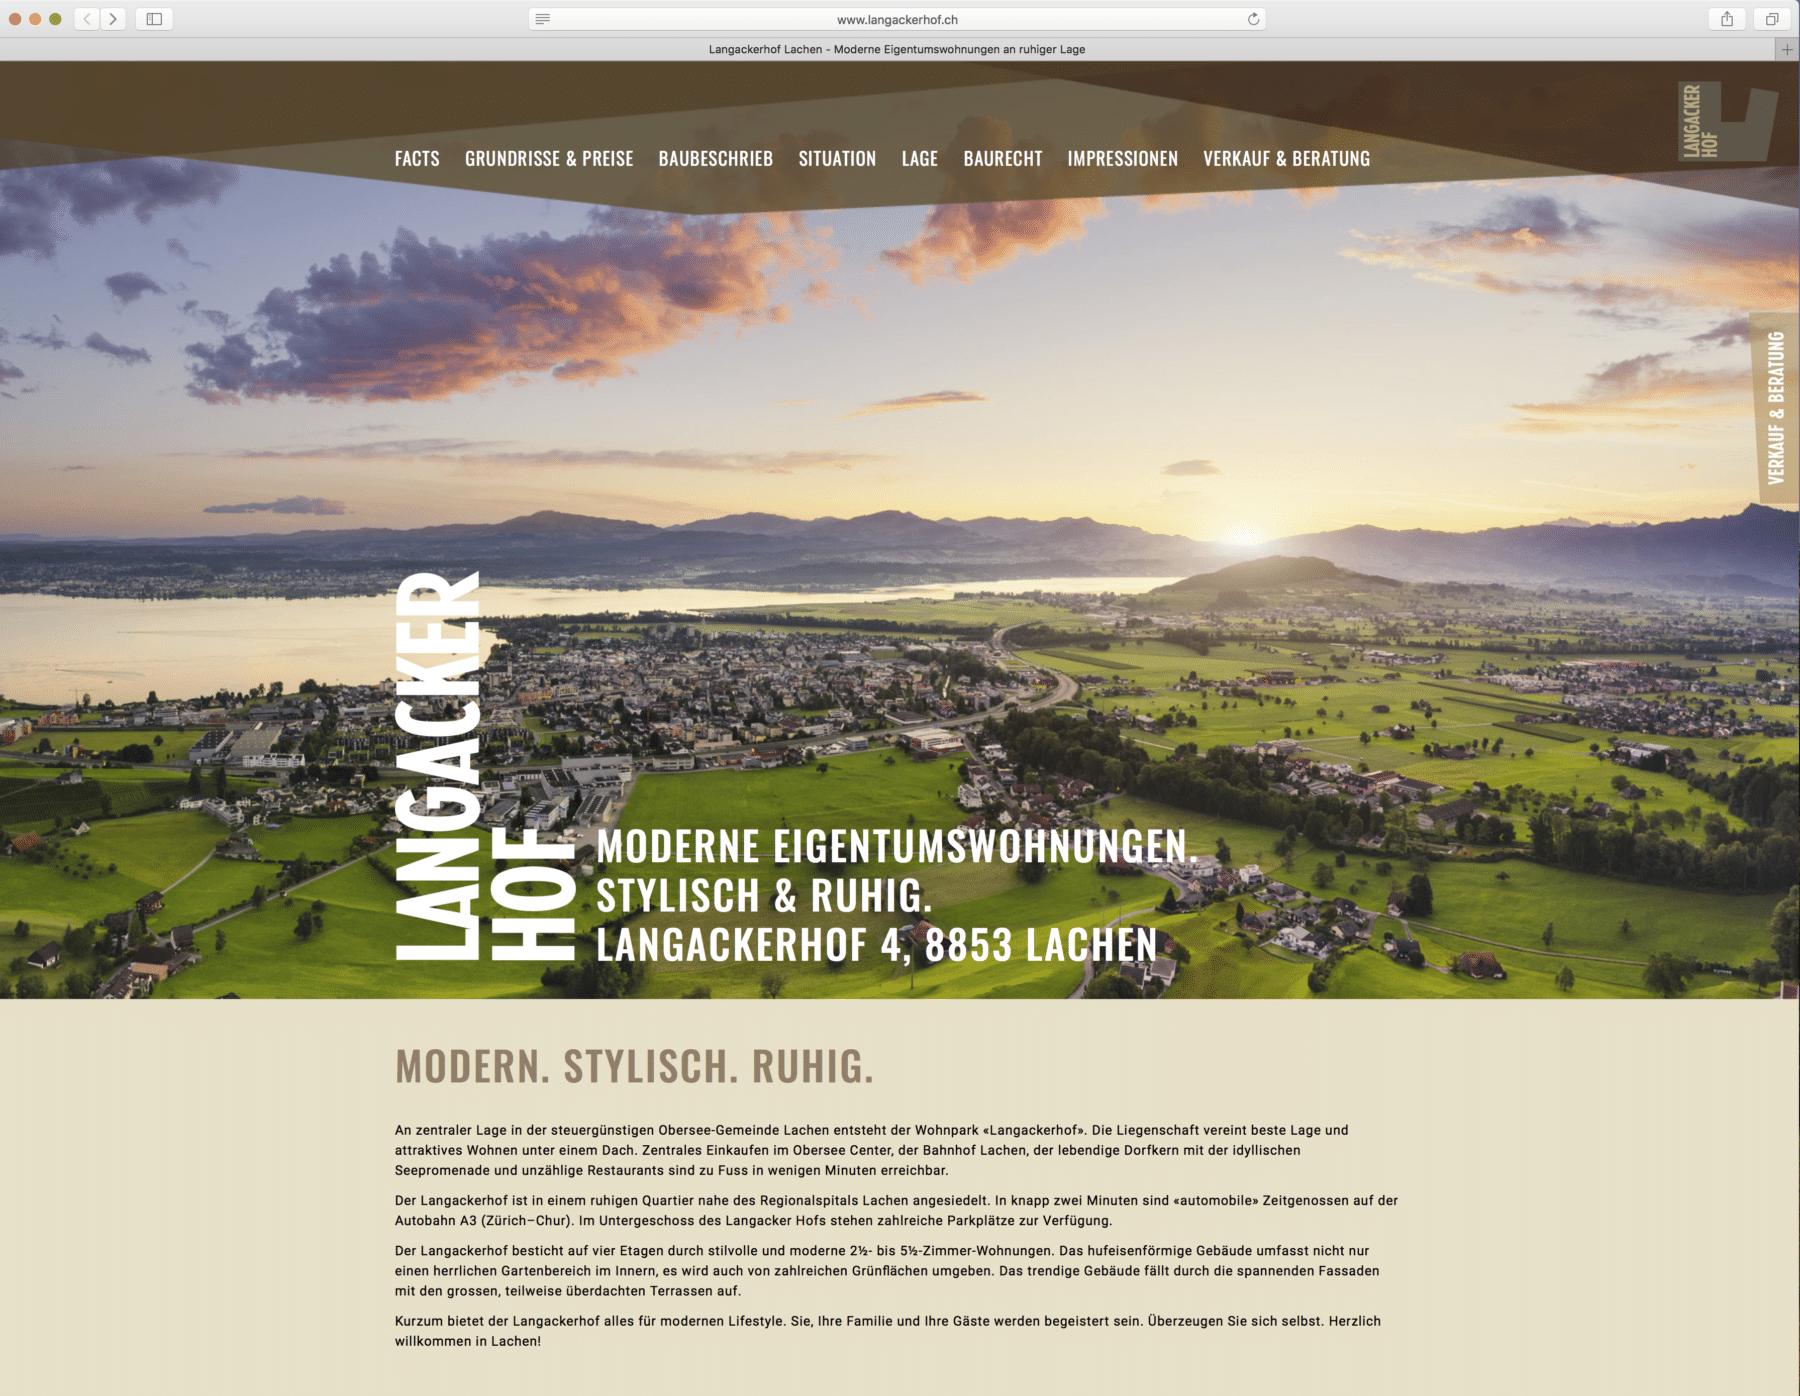 Luftaufnahmen Landschaftsaufnahmen für das Bauprojekt Langackerhof in Lachen